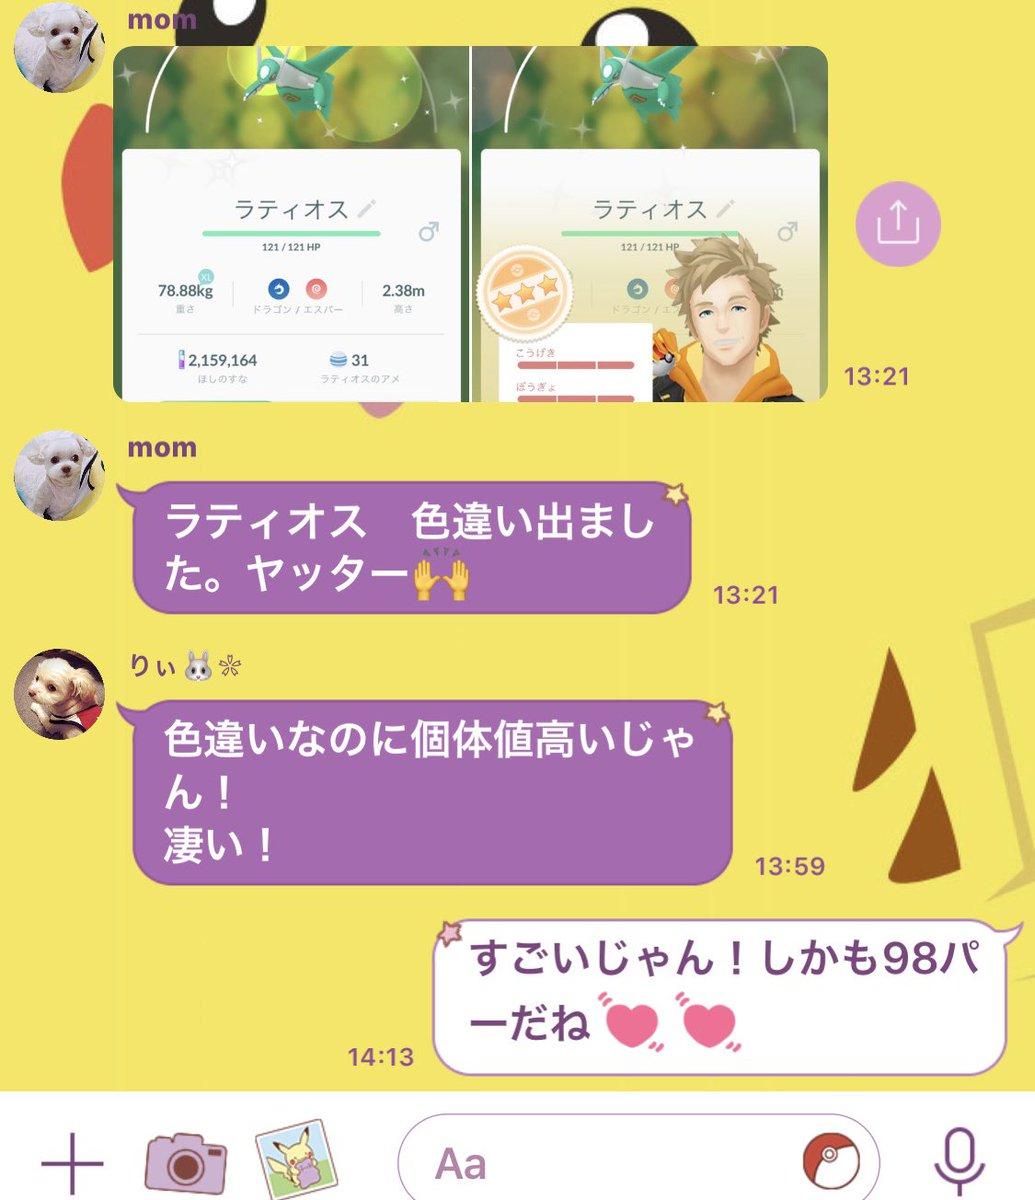 Saopica【さおぴか】さんの投稿画像